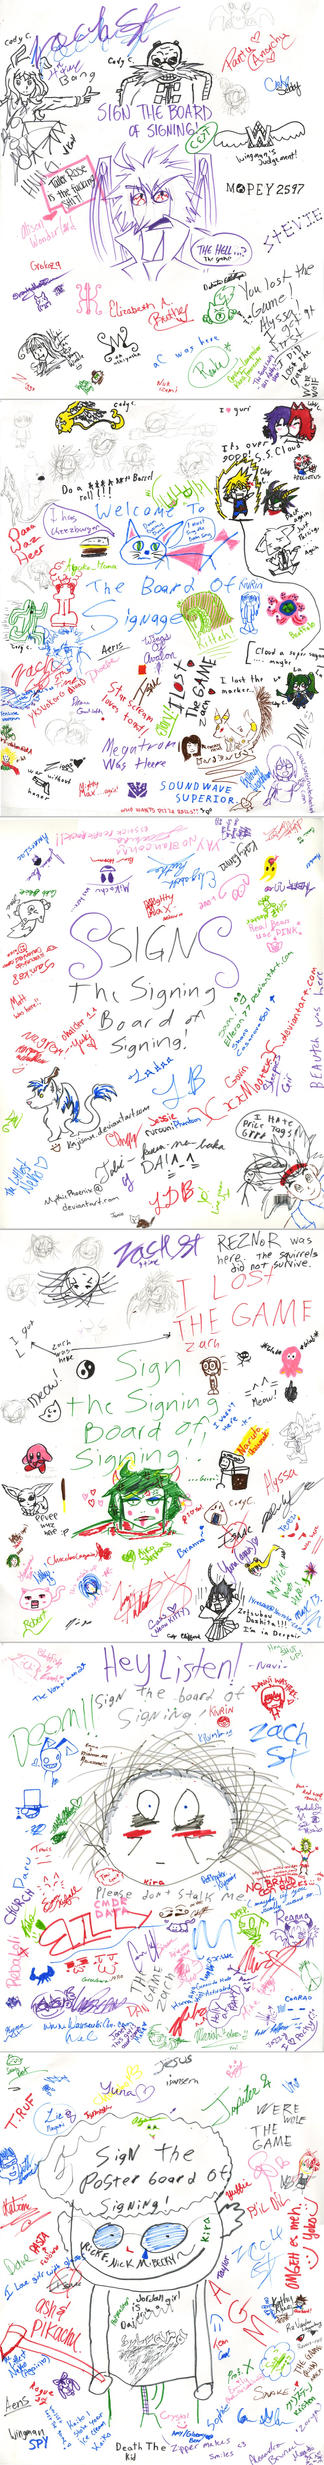 Signing Board NoBrandCon 2011 by ZiBaricon